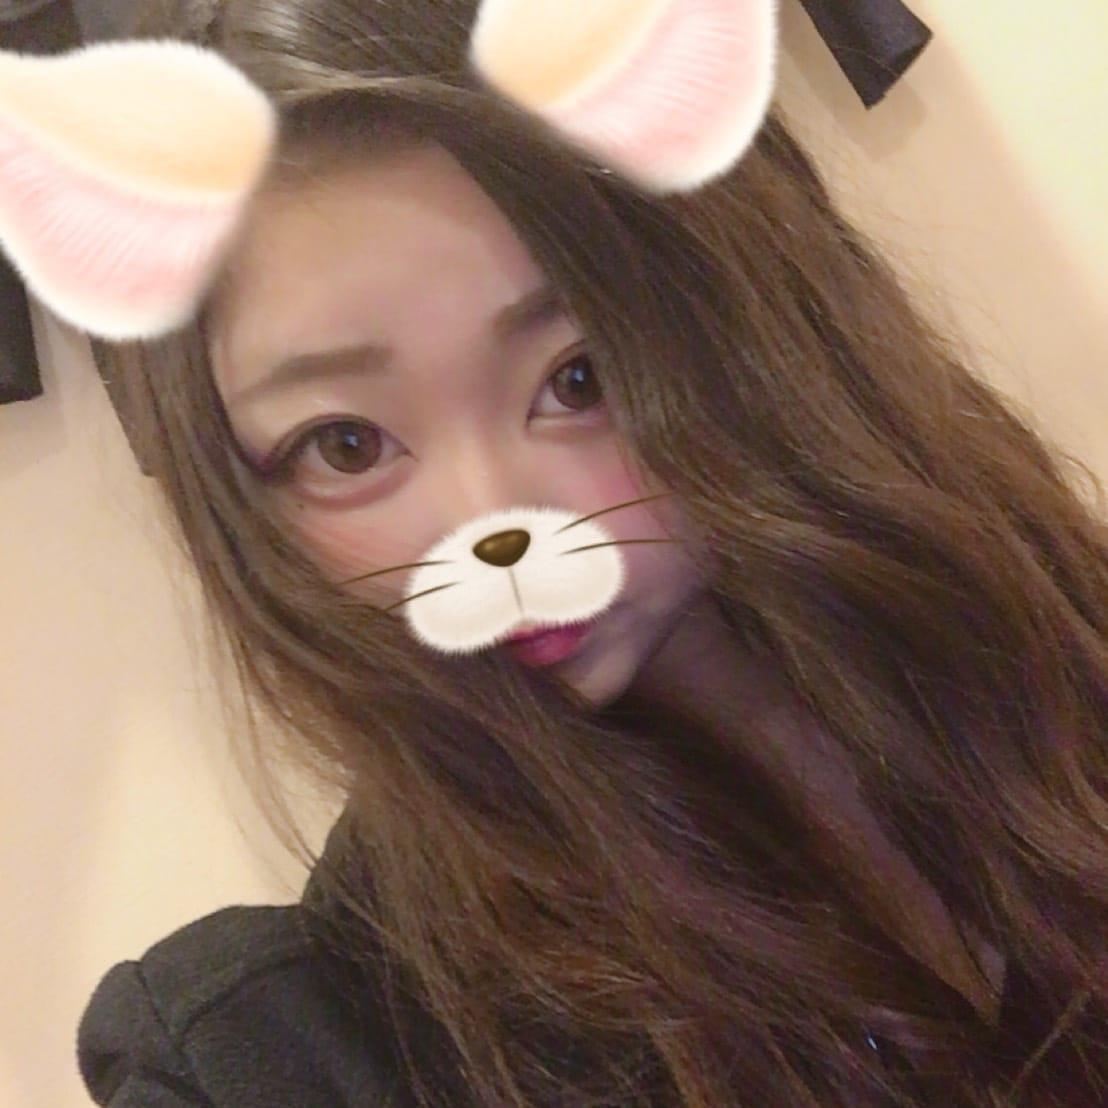 まこ【S級未経験素人美少女】 | Re:ZeRo(いわき・小名浜)